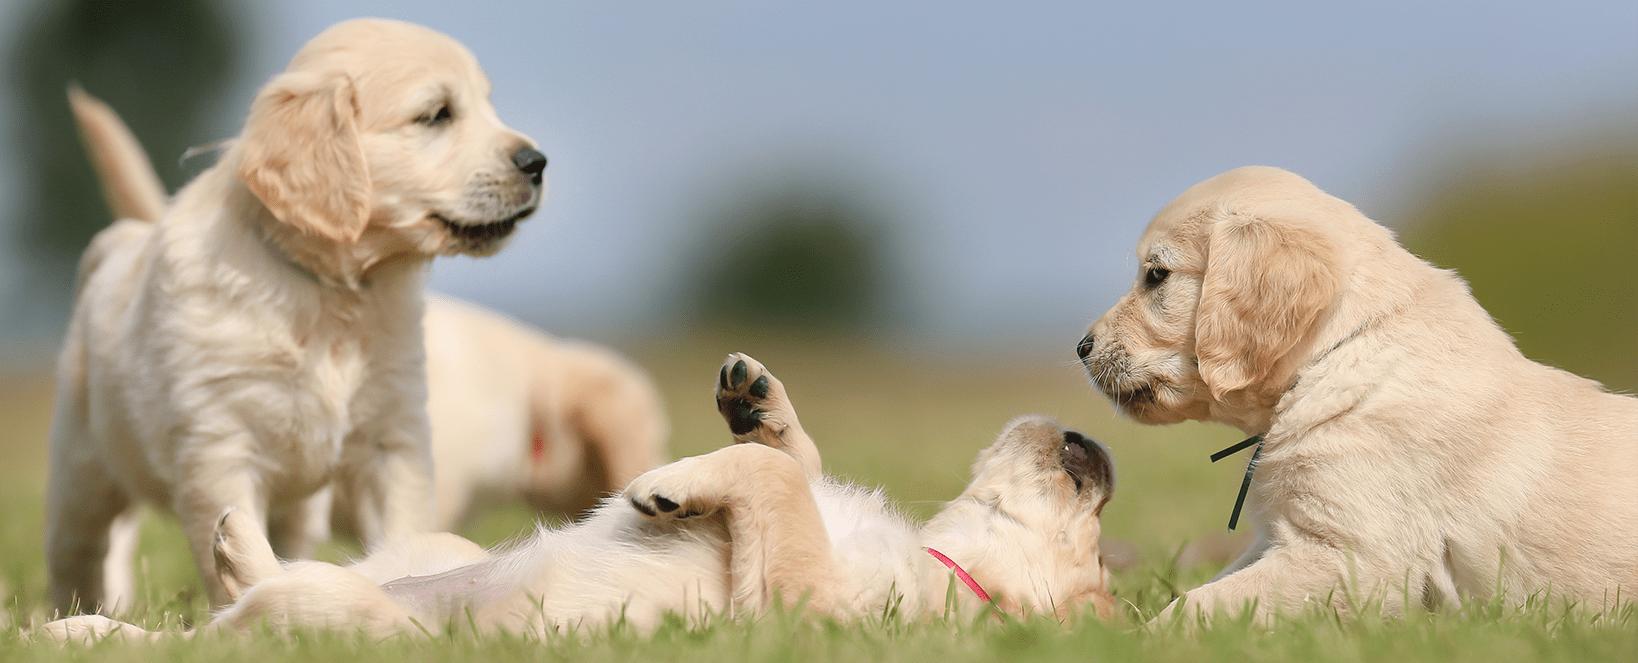 גורים משחקים על הדשא